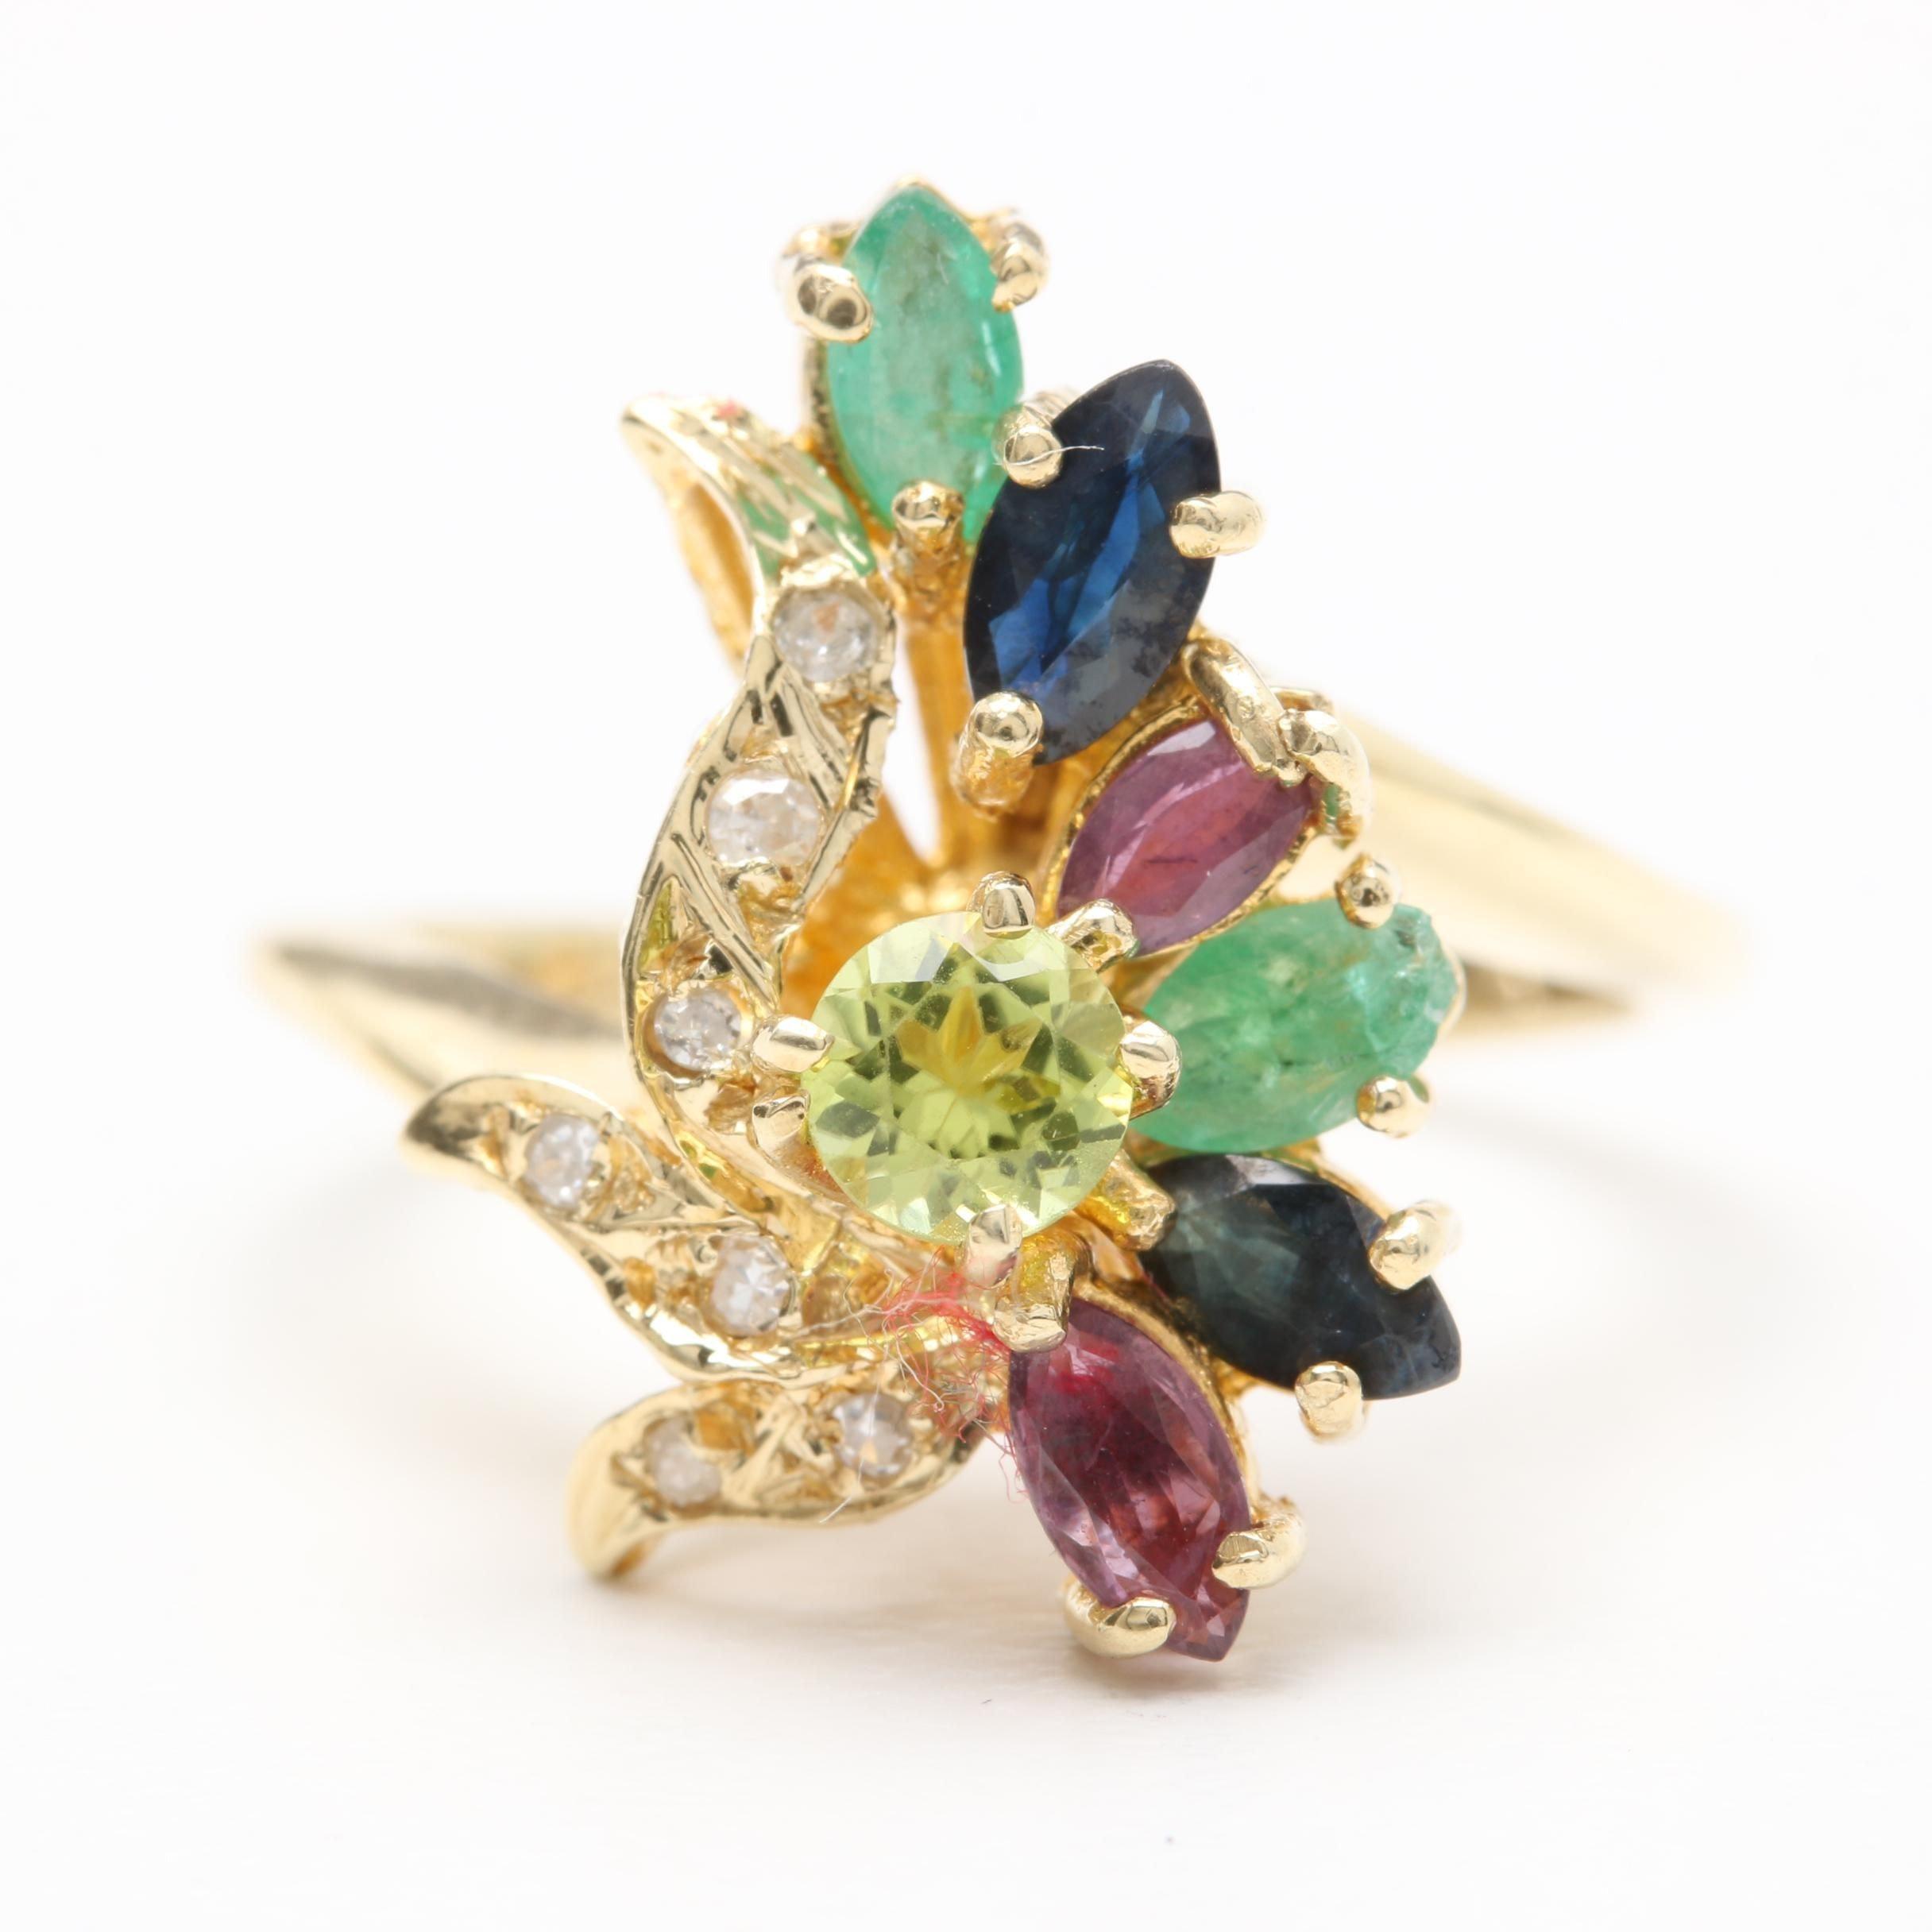 14K Yellow Gold Peridot, Diamond, Ruby, Sapphire, and Emerald Ring